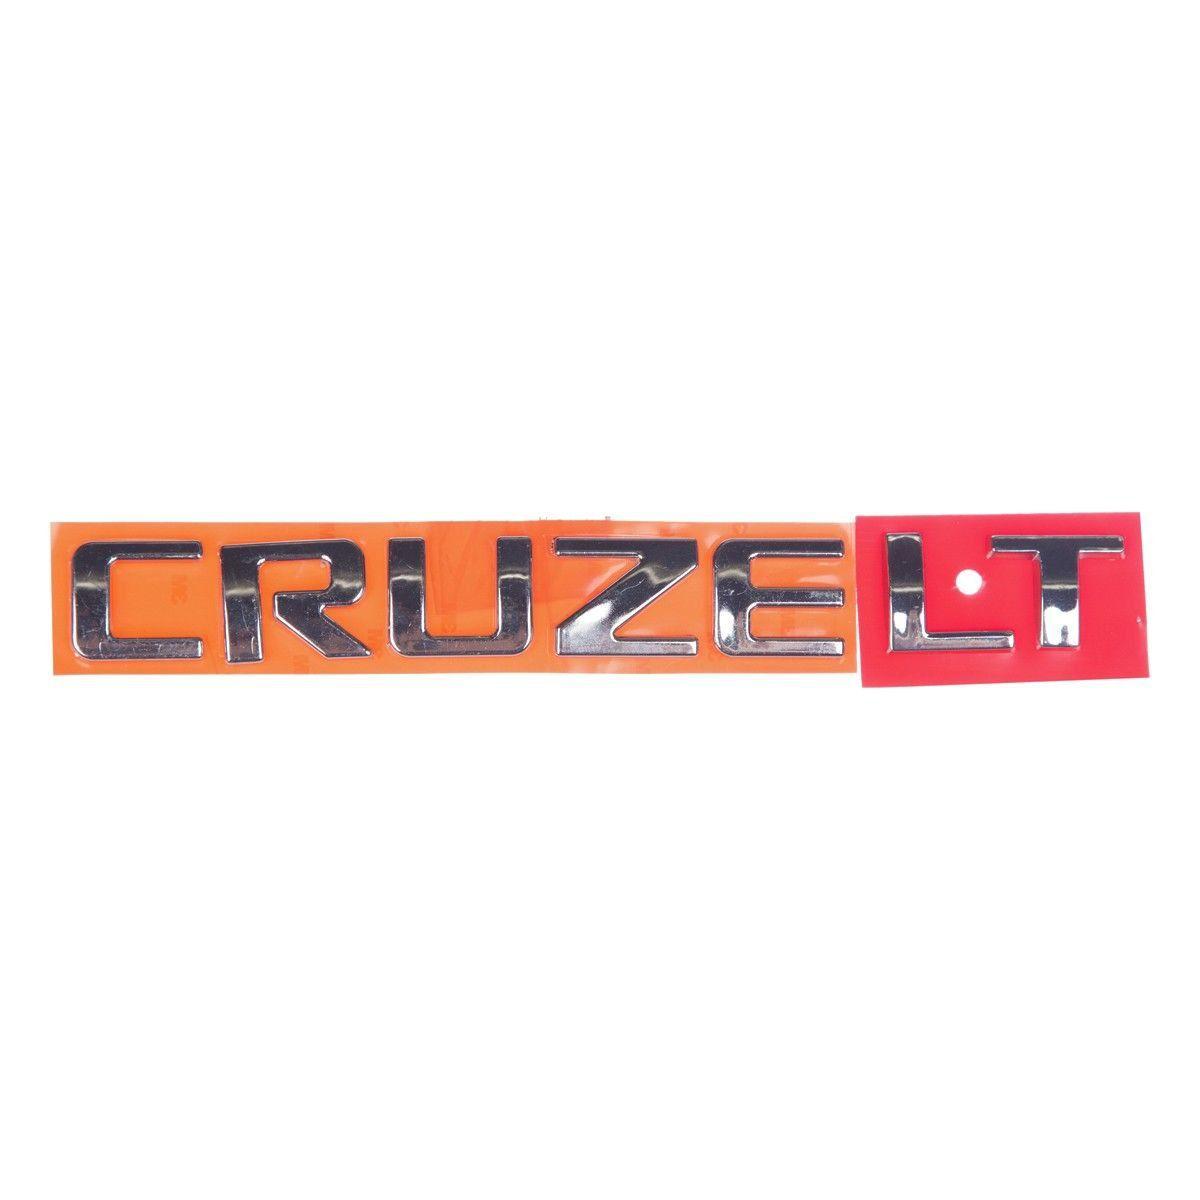 Emblema *Cruzee lt* tampa traseira - Cruze 2012 a 2016